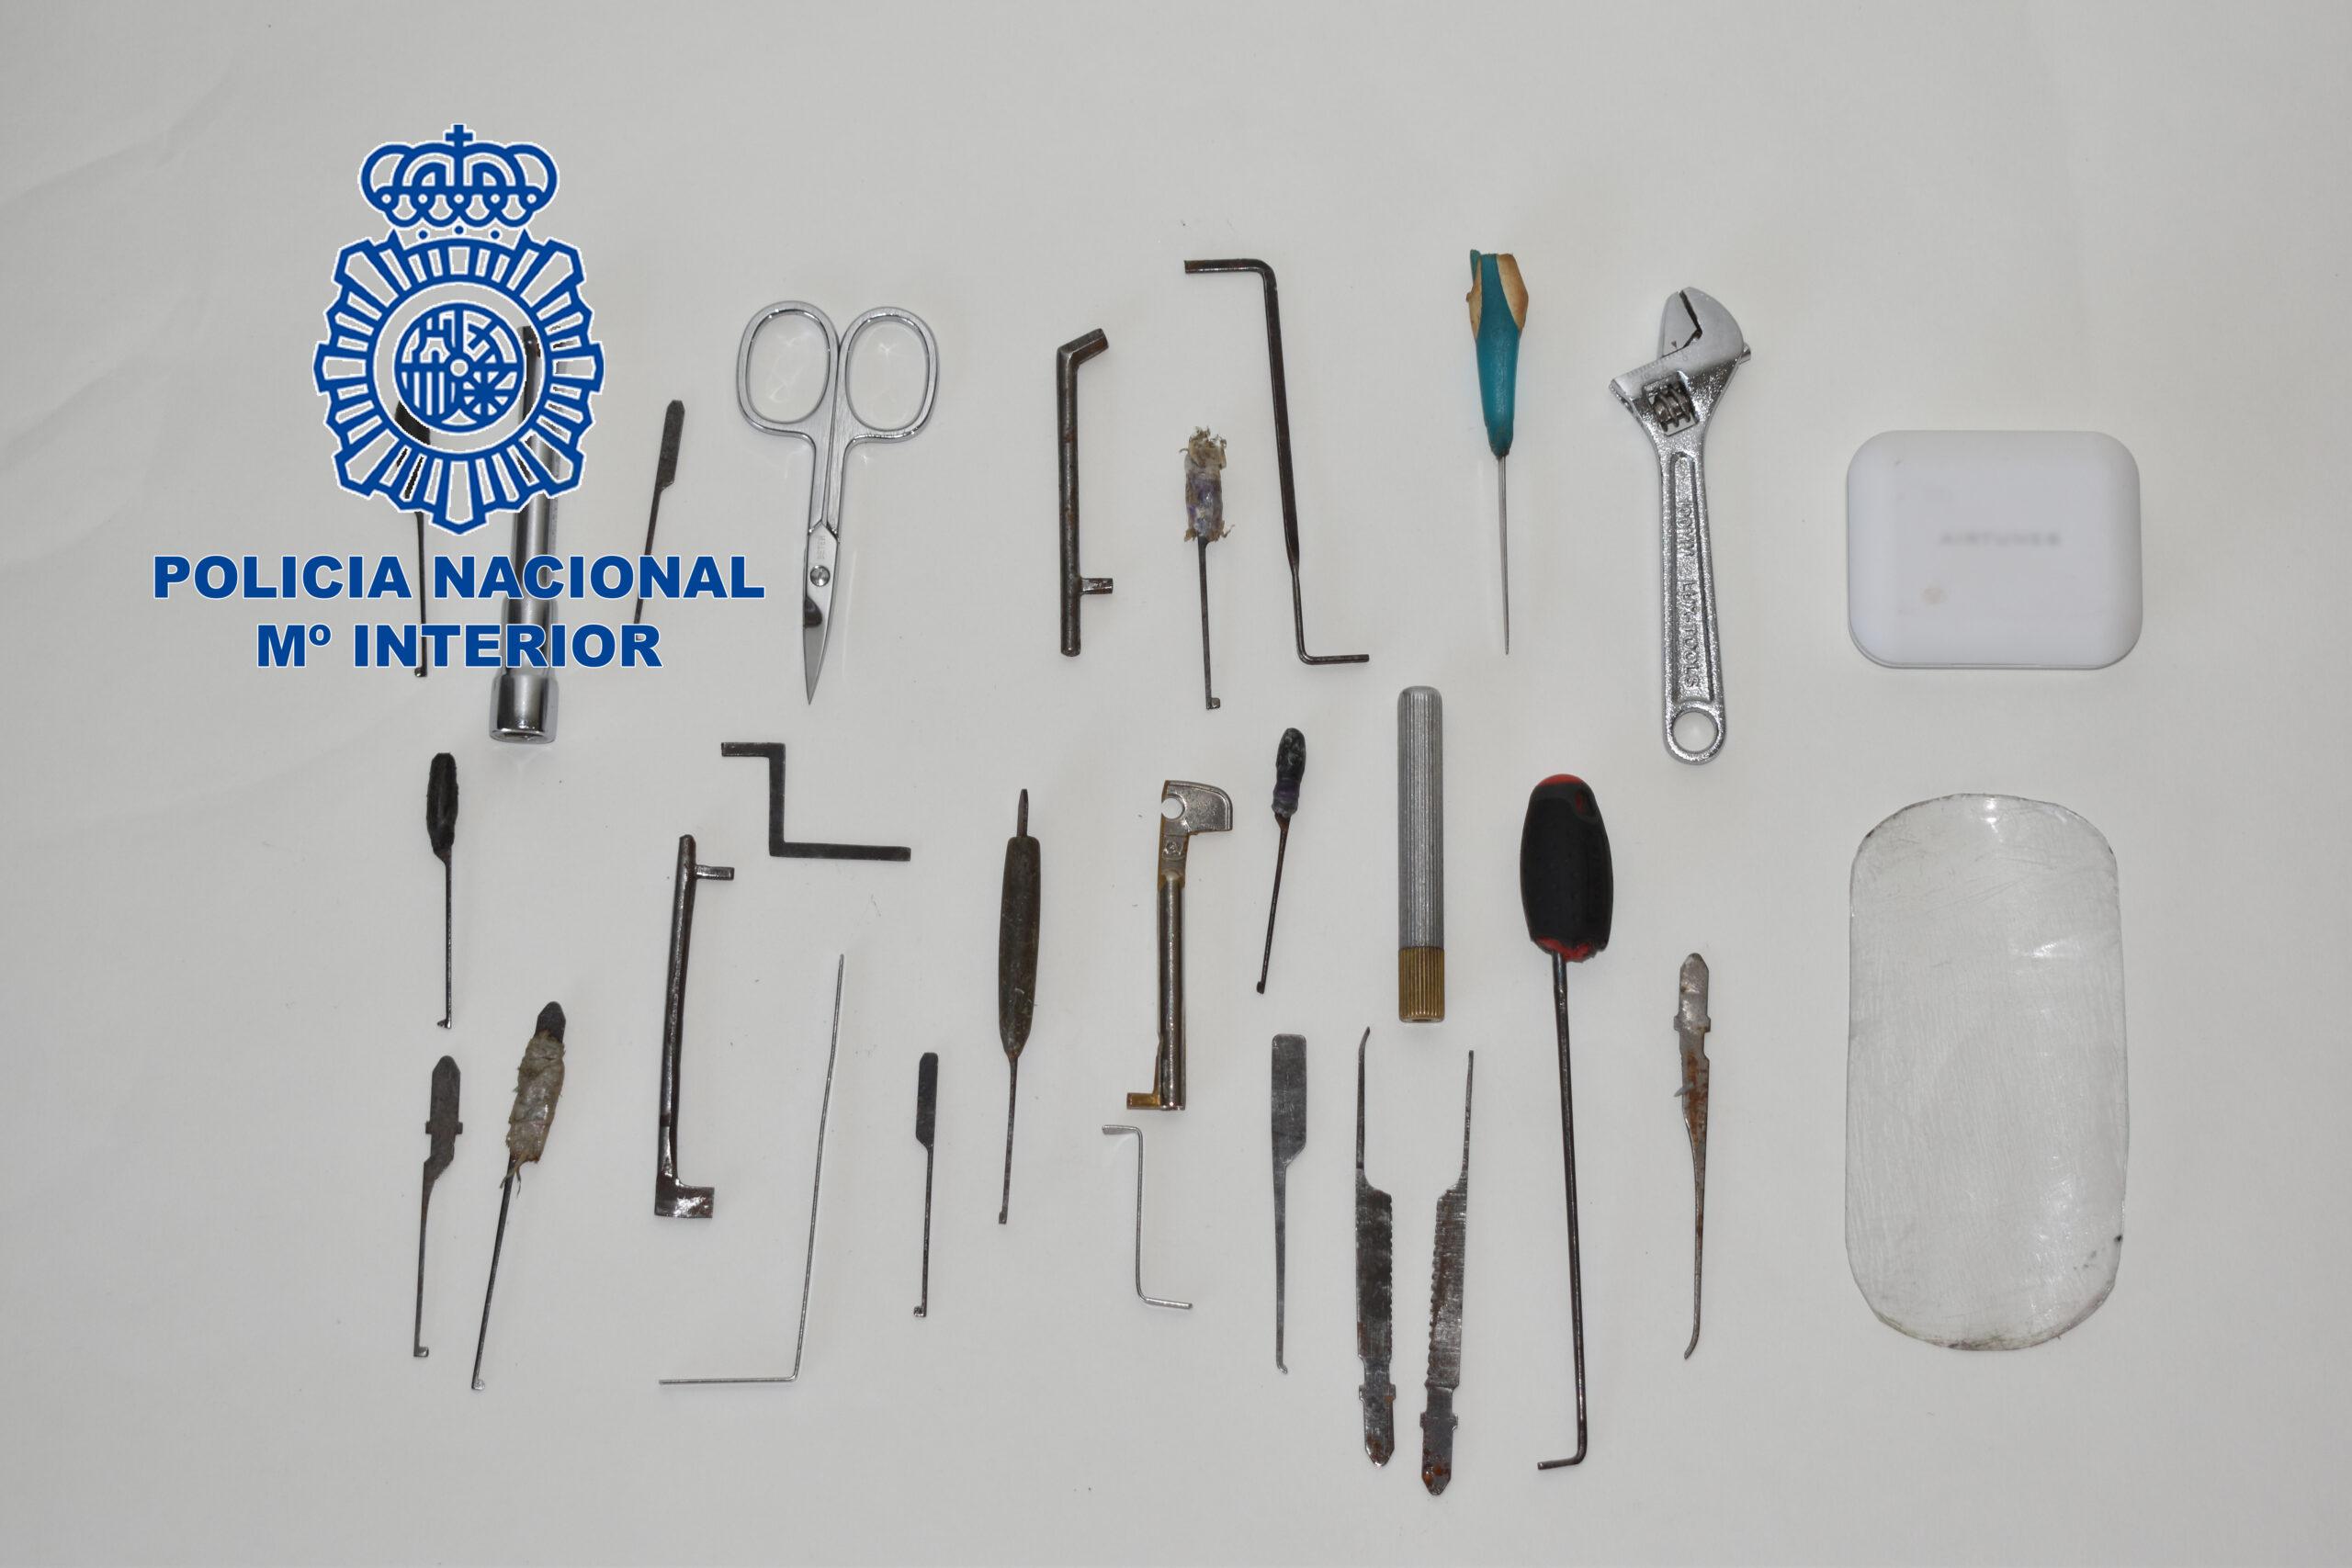 La Policía Nacional detiene a dos individuos por robos con fuerza en viviendas especializados en apertura puertas con ganzúas